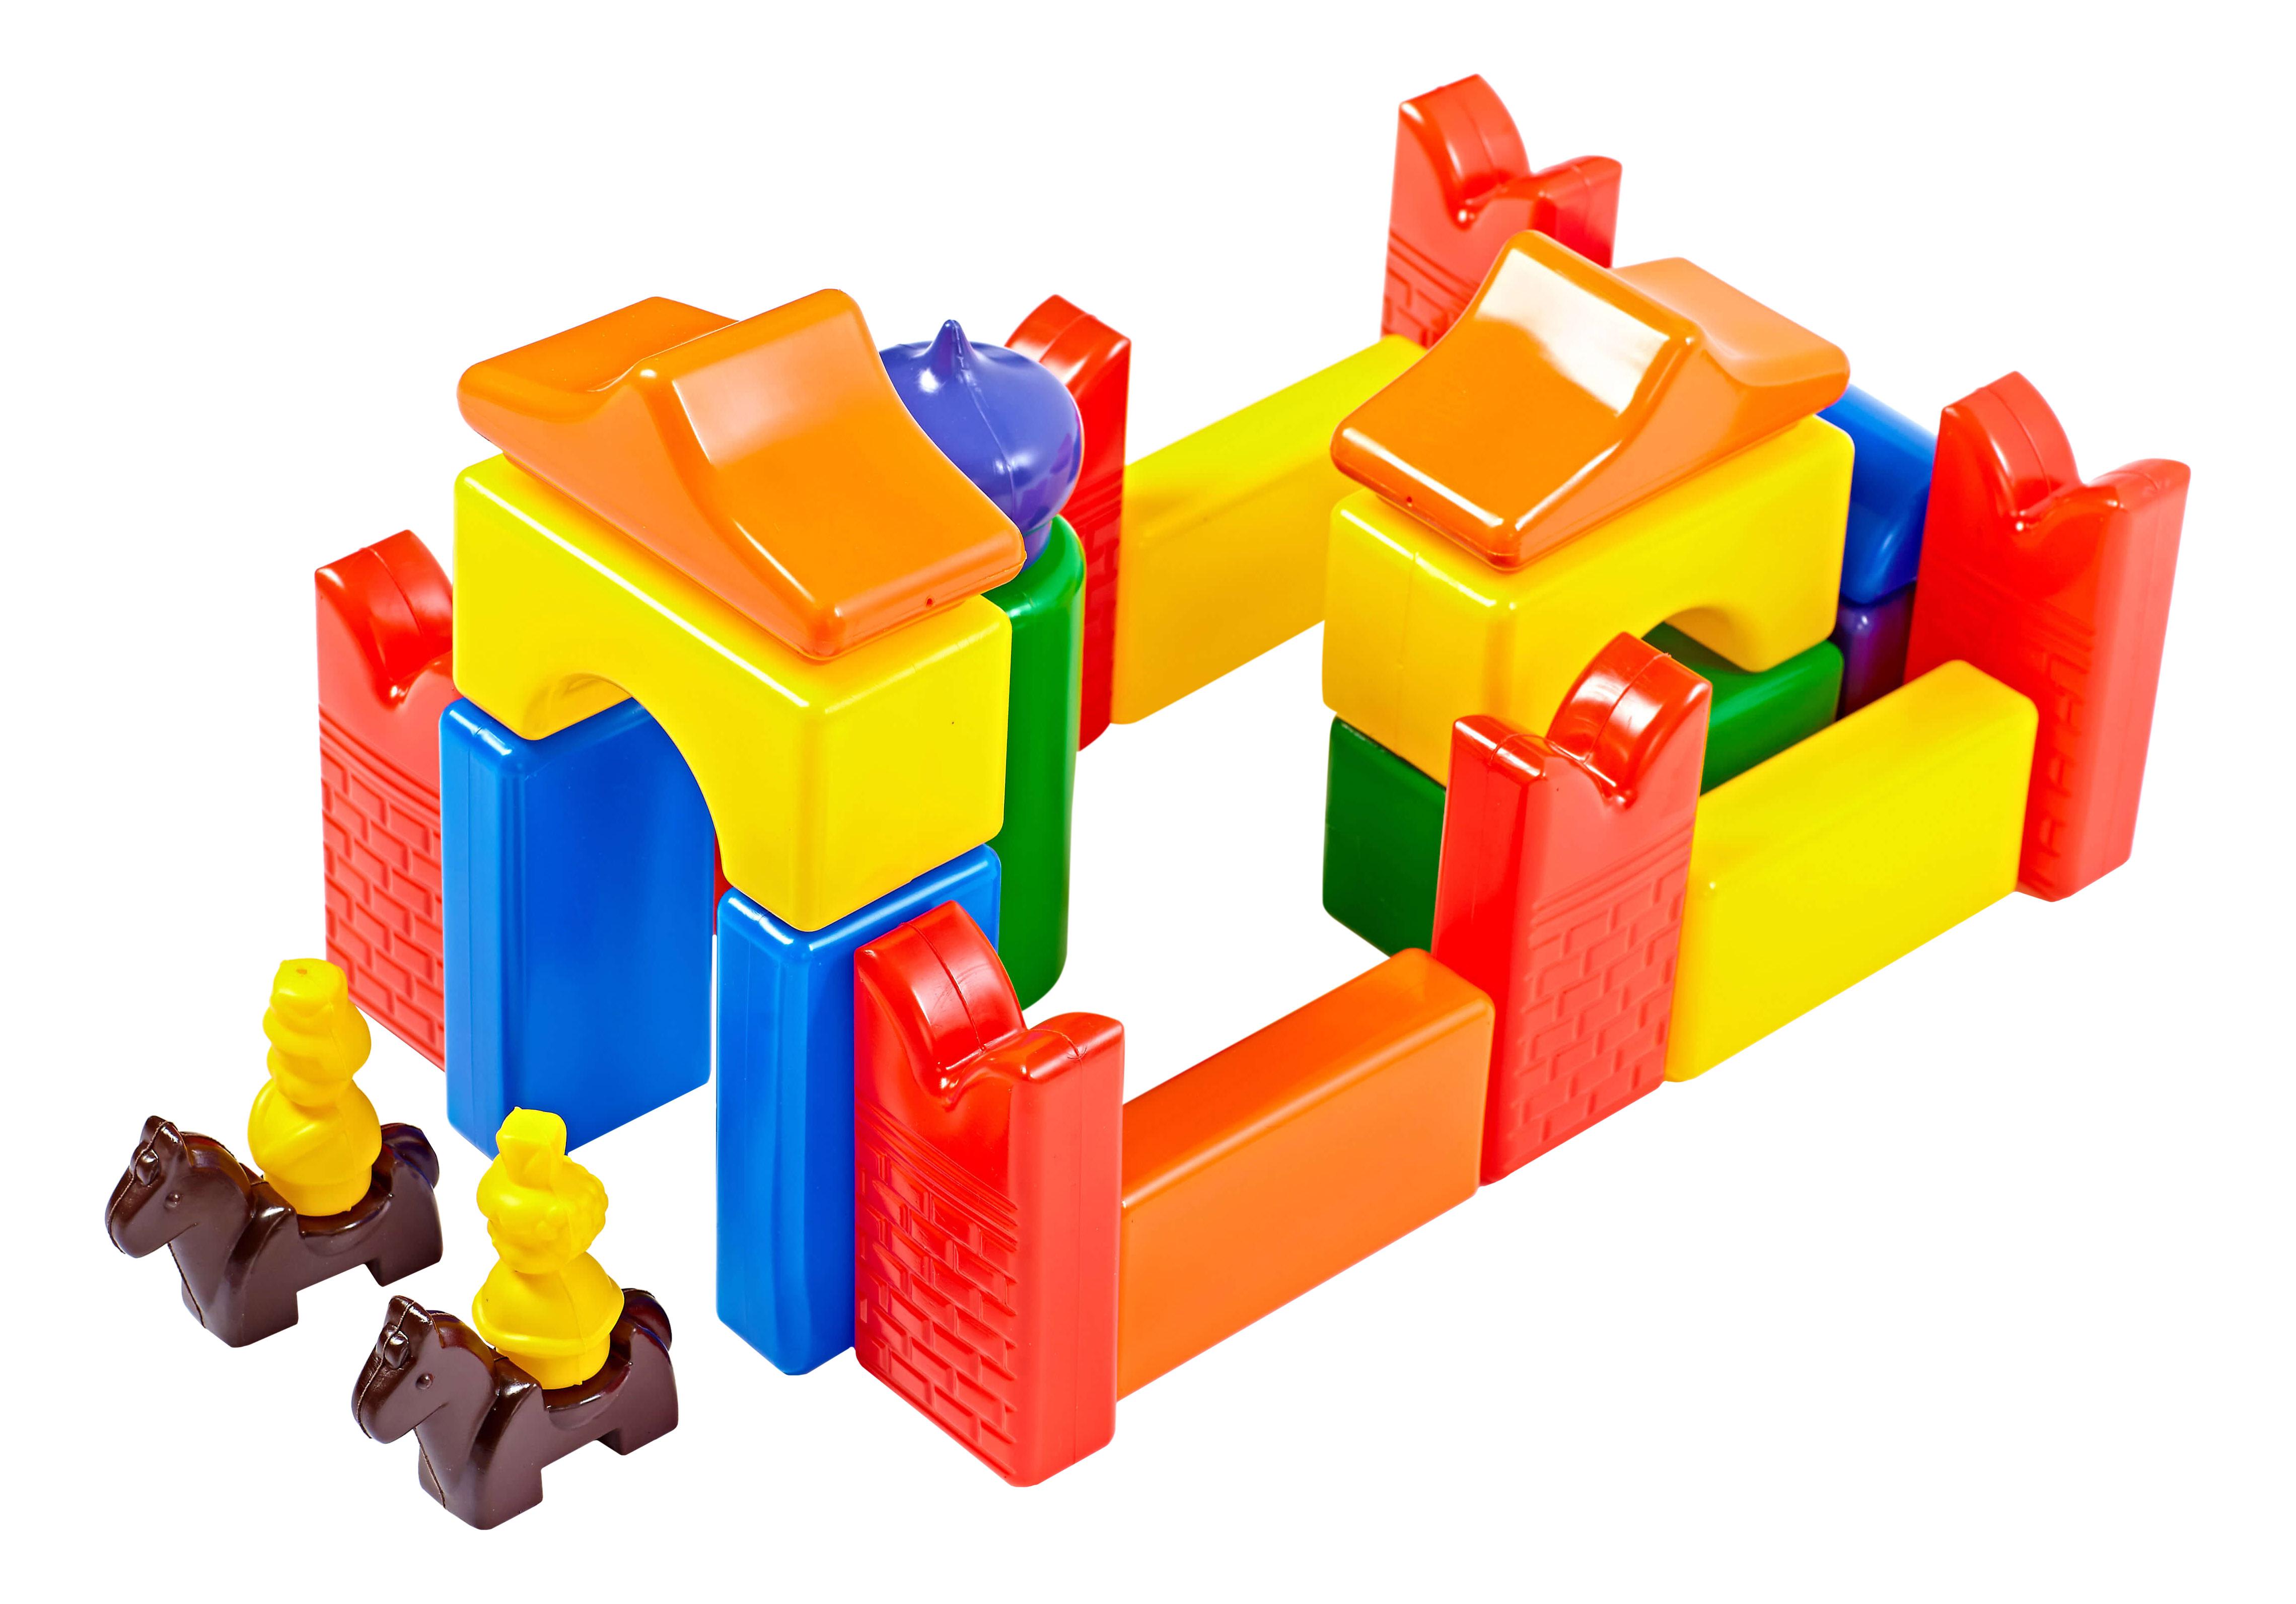 Конструктор для малышей Строим вместе счастливое детство Скит-2 5250